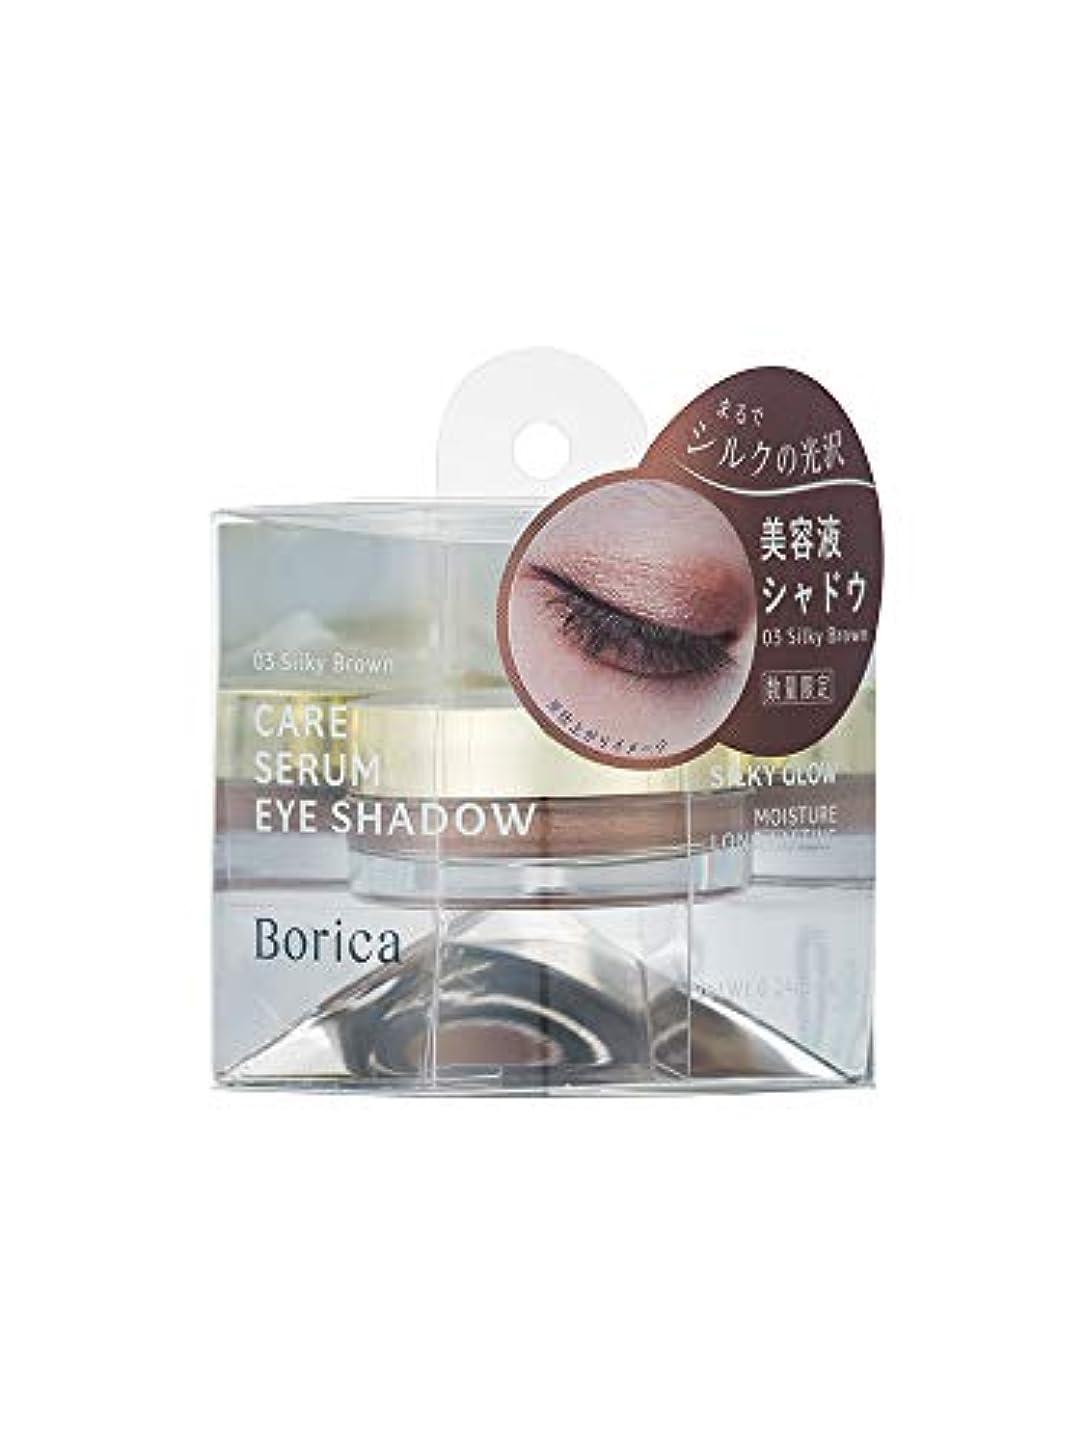 起きるコーデリア広告Borica 美容液ケアアイシャドウ<シルキーグロウ03(03 Silky Brown)